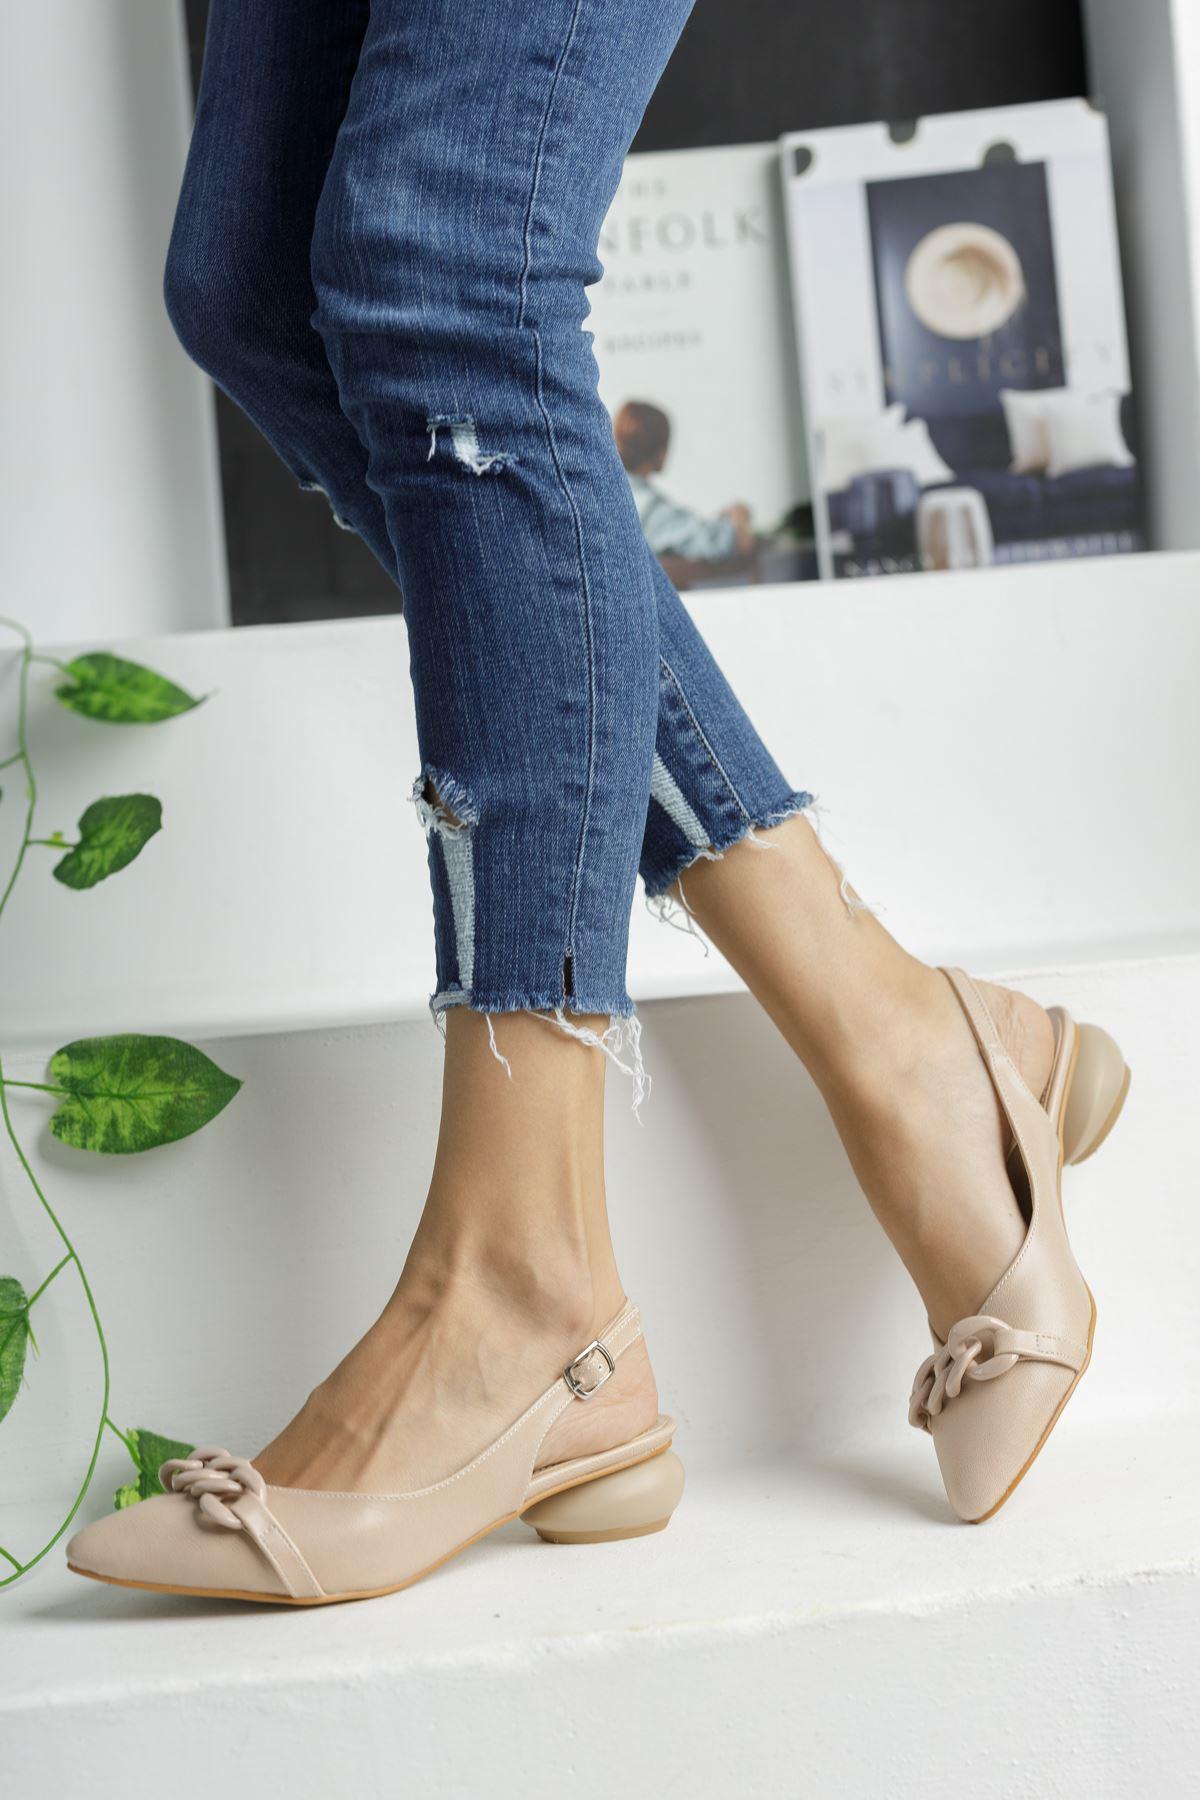 Bej Zincir Detaylı Kısa Yuvarlak Topuklu Ayakkabı